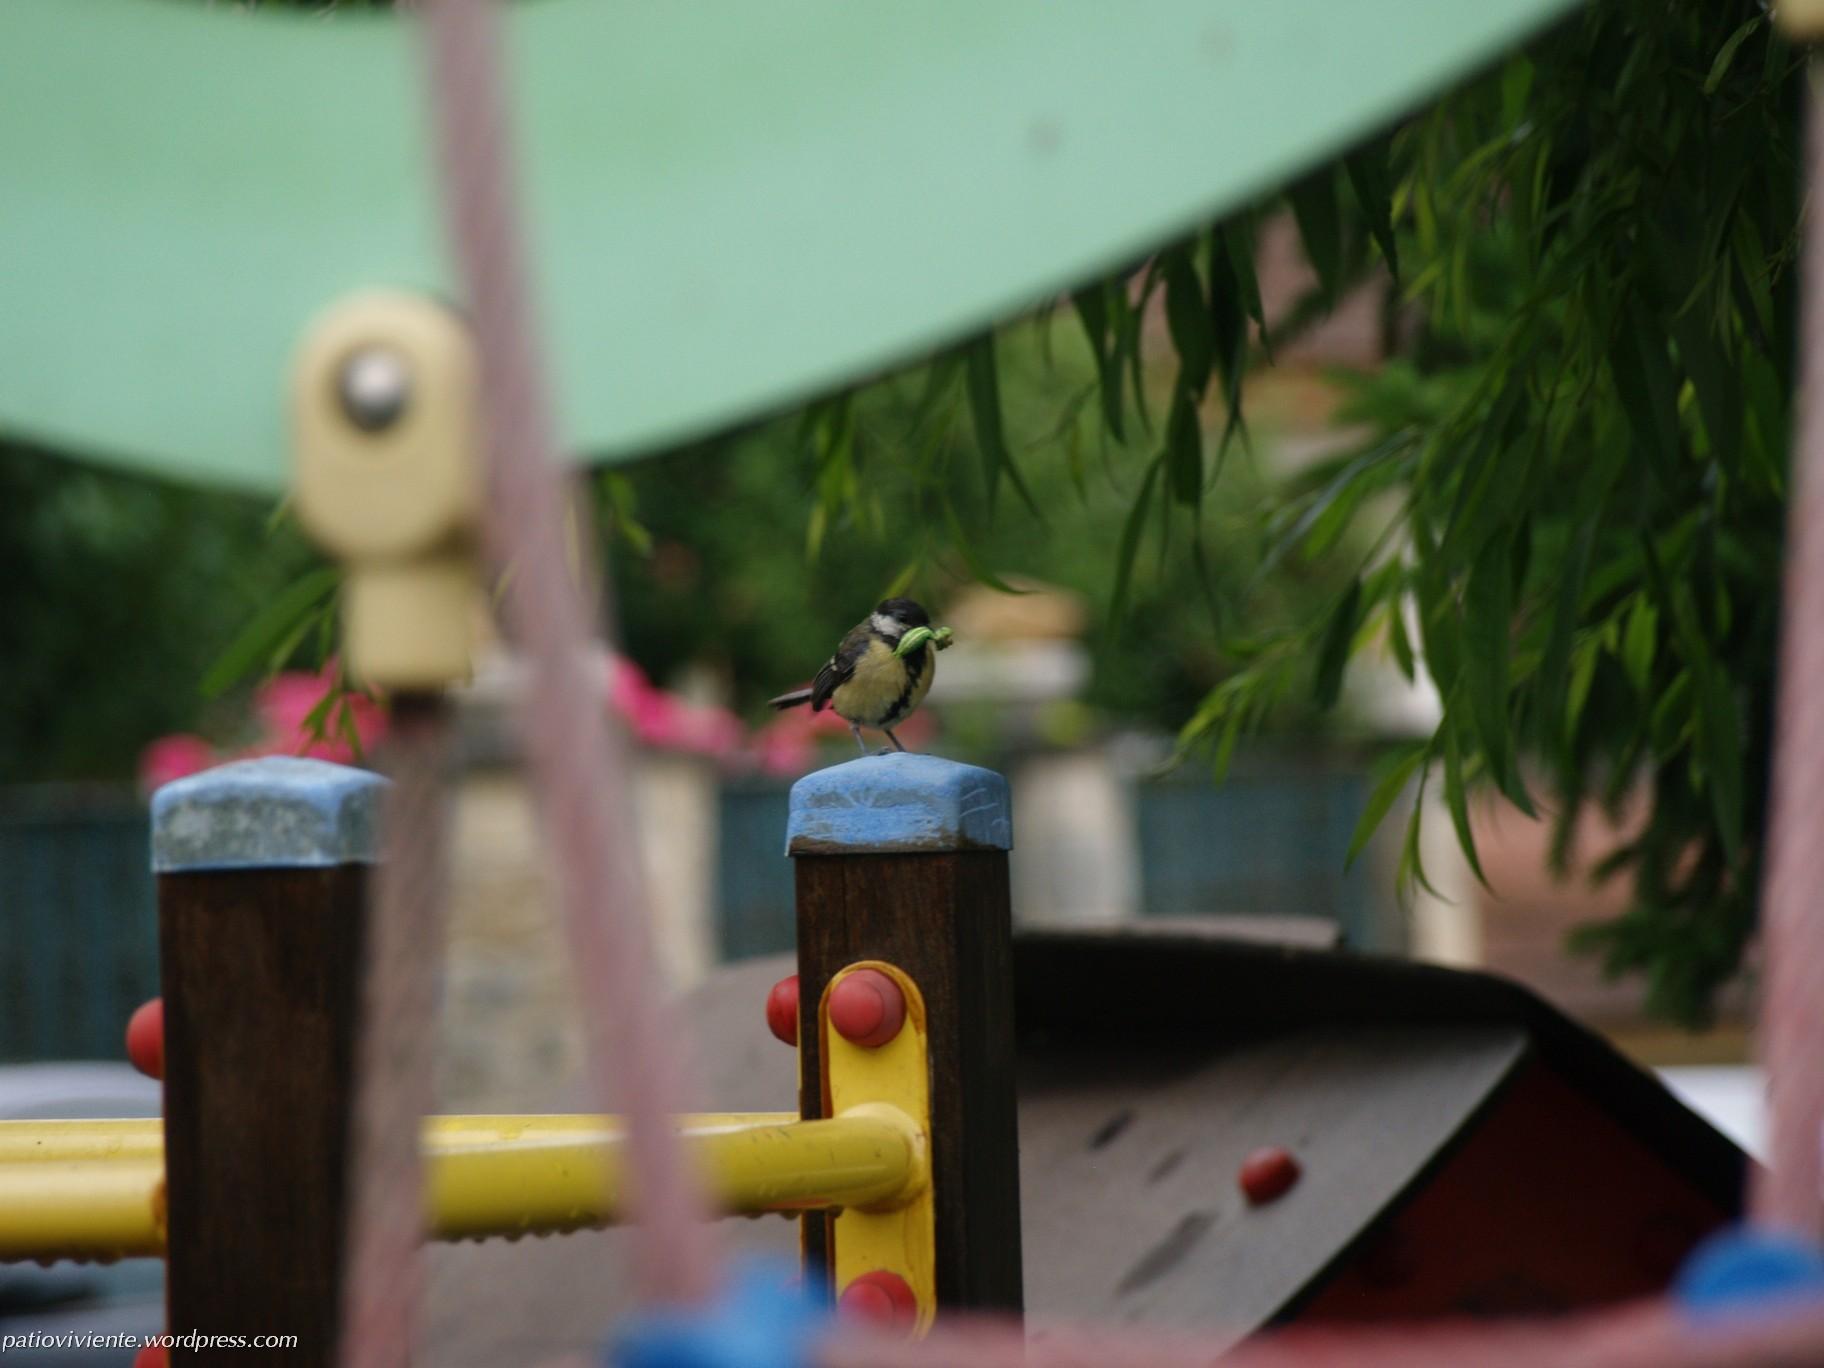 Carbonero Común (Parus major) portando alimento a su prole en nido por los suelos. Azoz (Navarra) 1 de julio de 2017